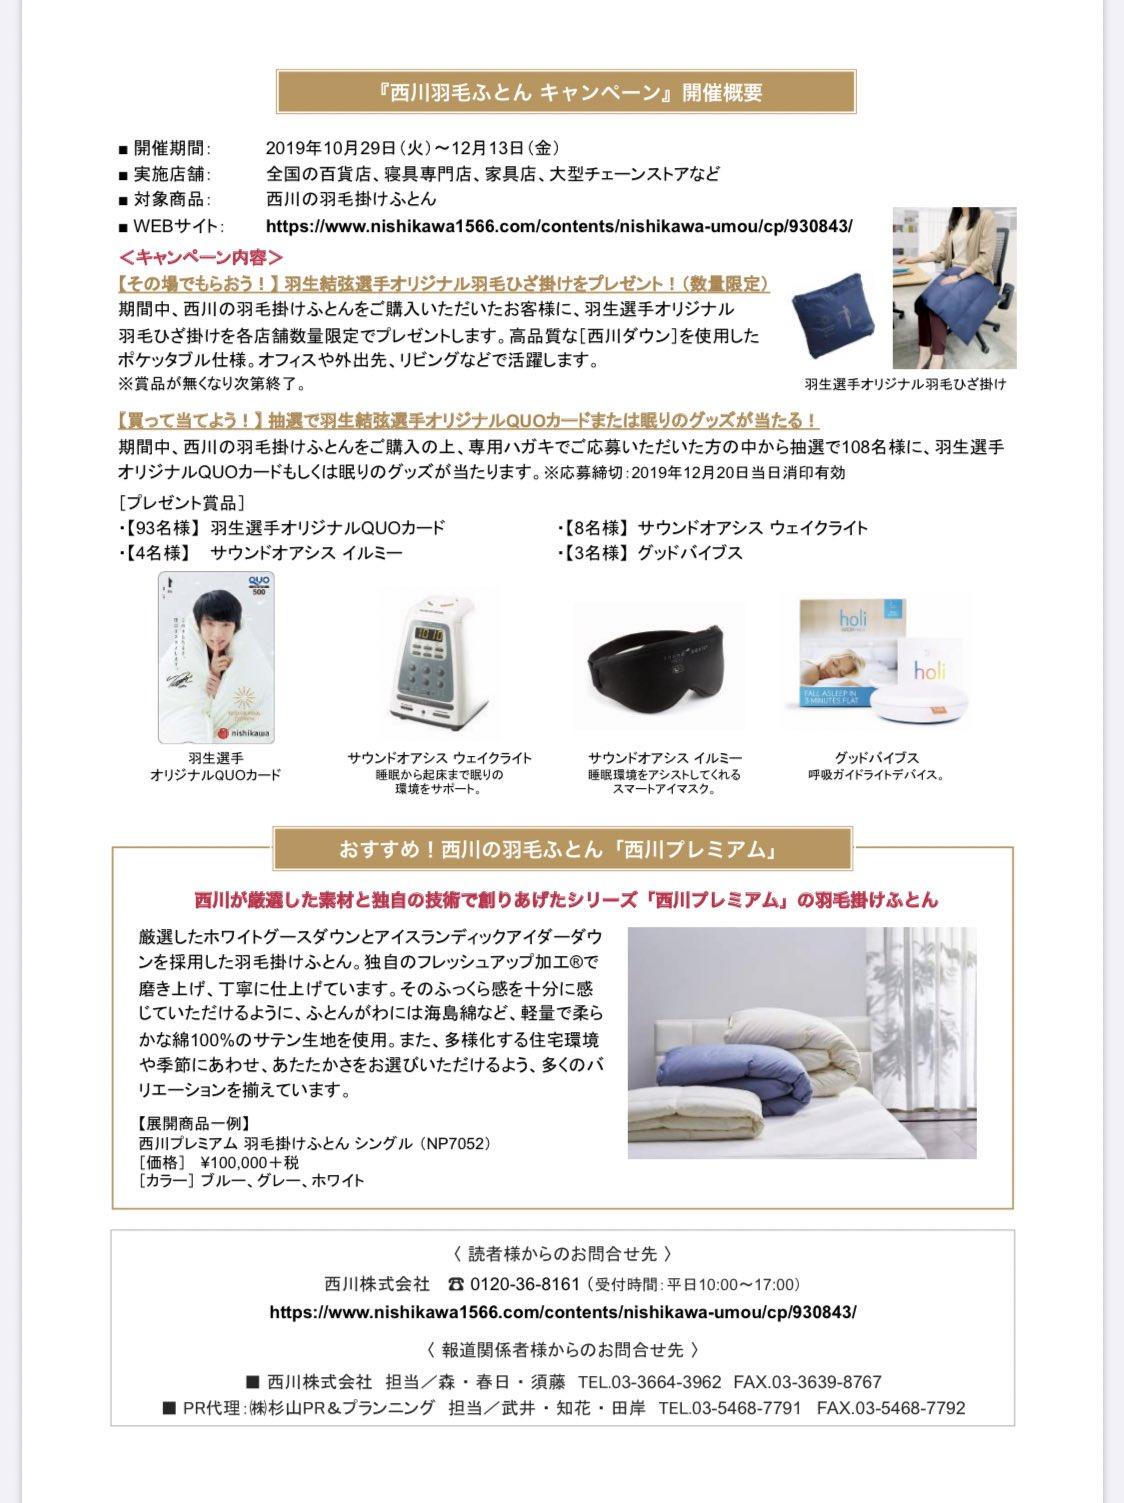 promozione tokyo nishikawa x yuzuru hanyu